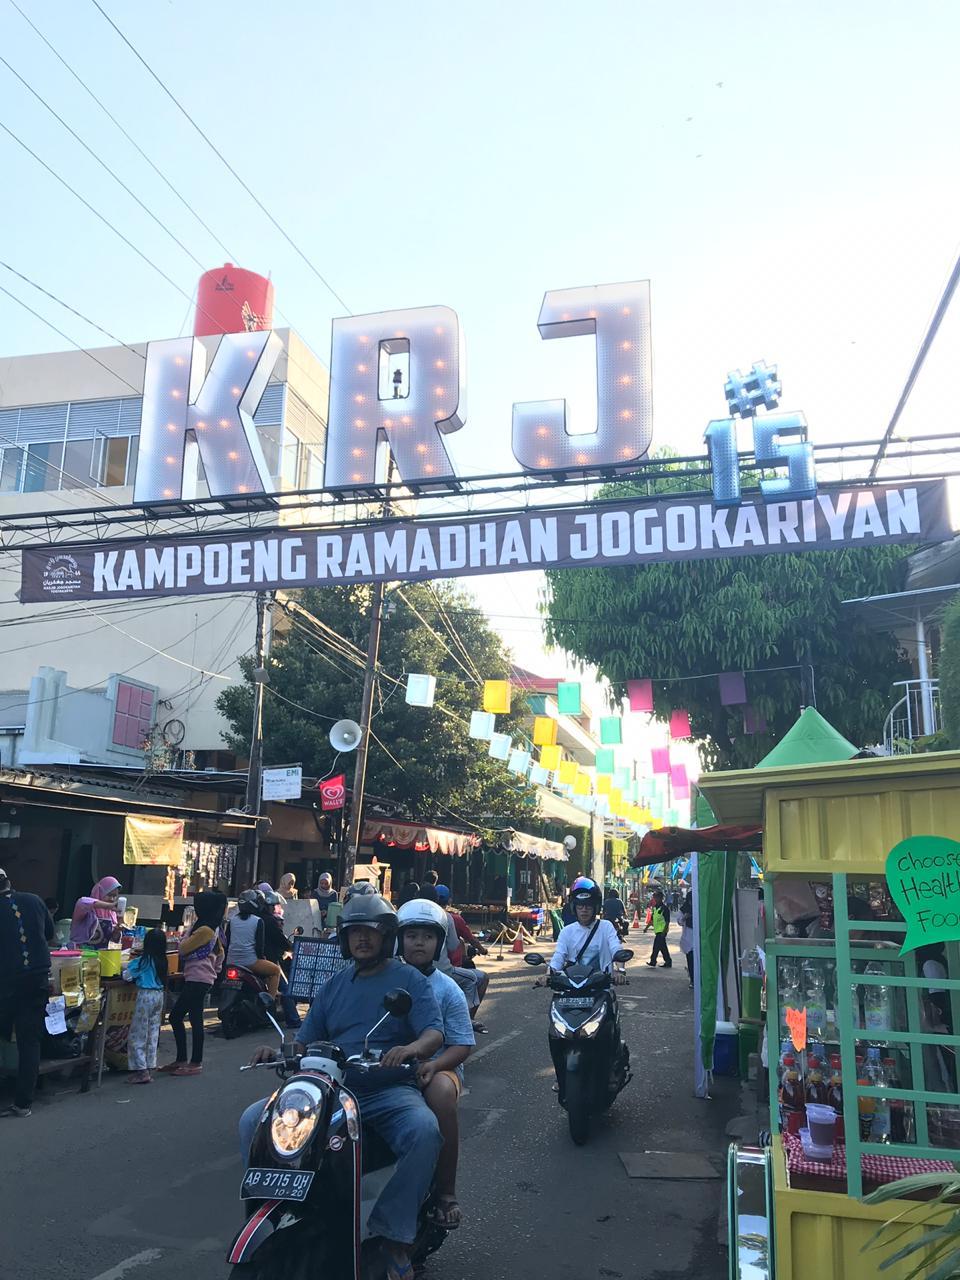 Takjil Gratis Di Masjid Jogokariyan Alinea